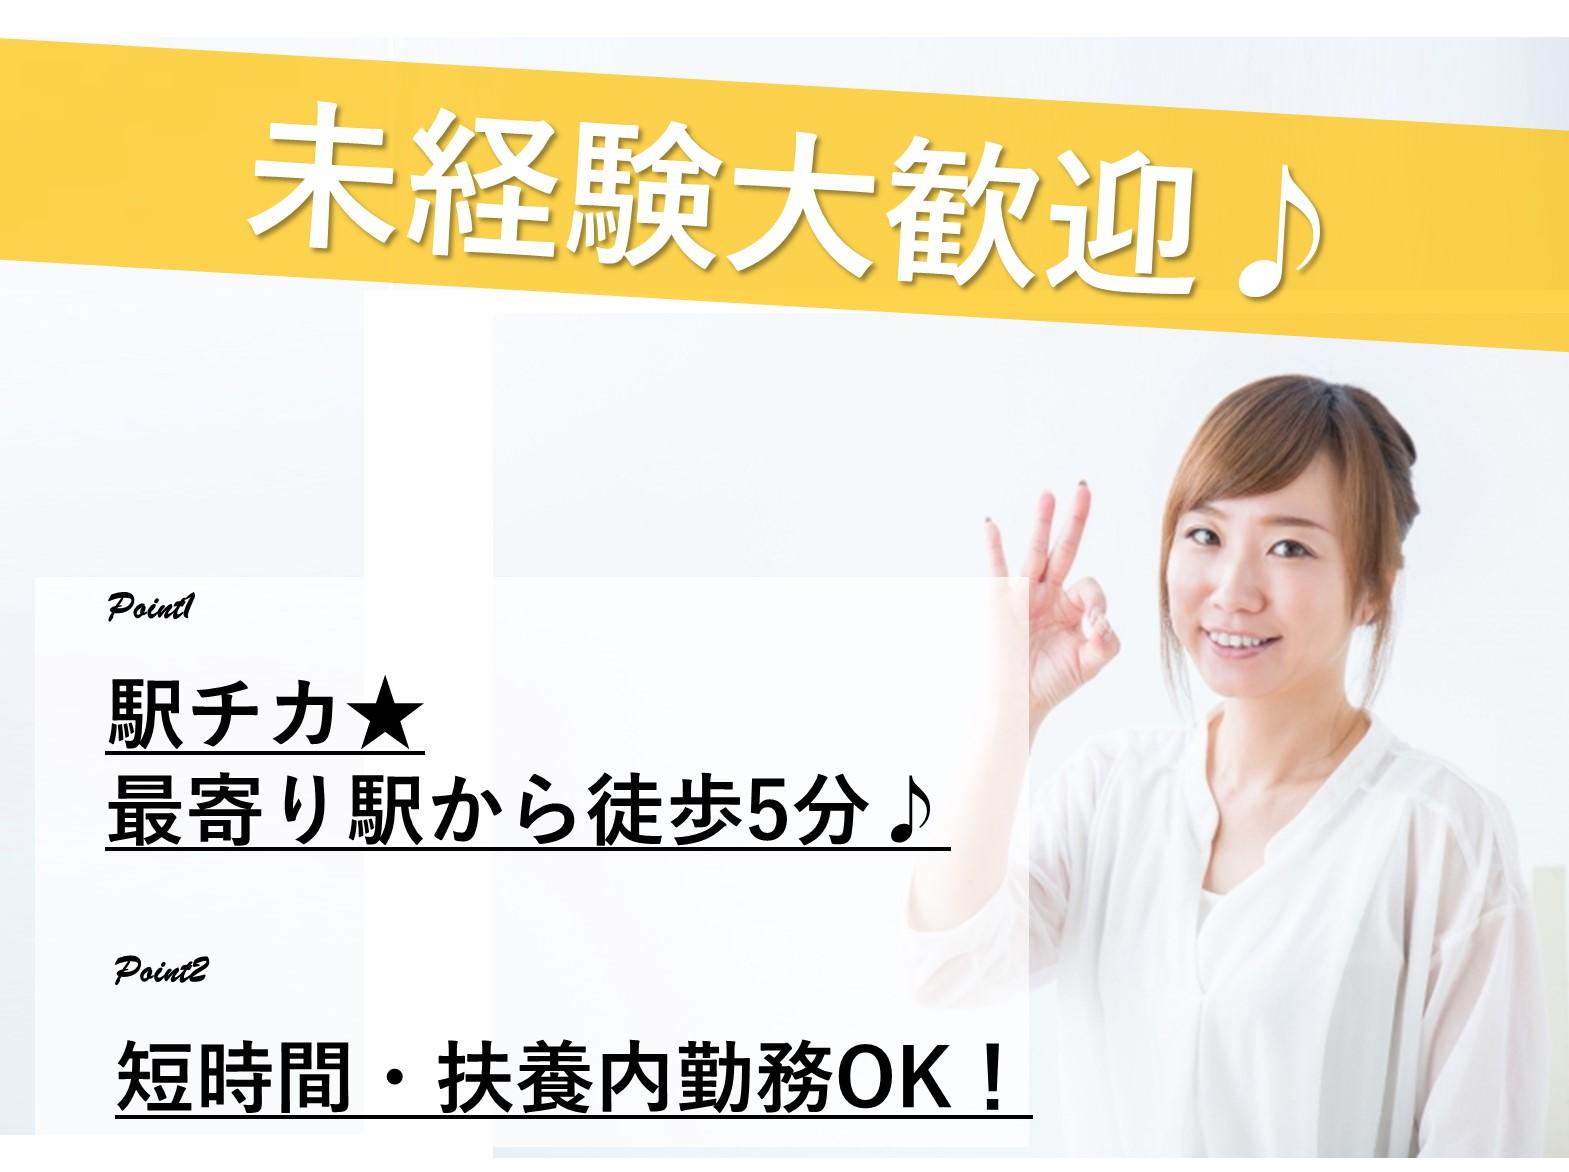 【パート】駅チカ5分♪短時間勤務OK★家庭との両立に◎調理補助スタッフ イメージ